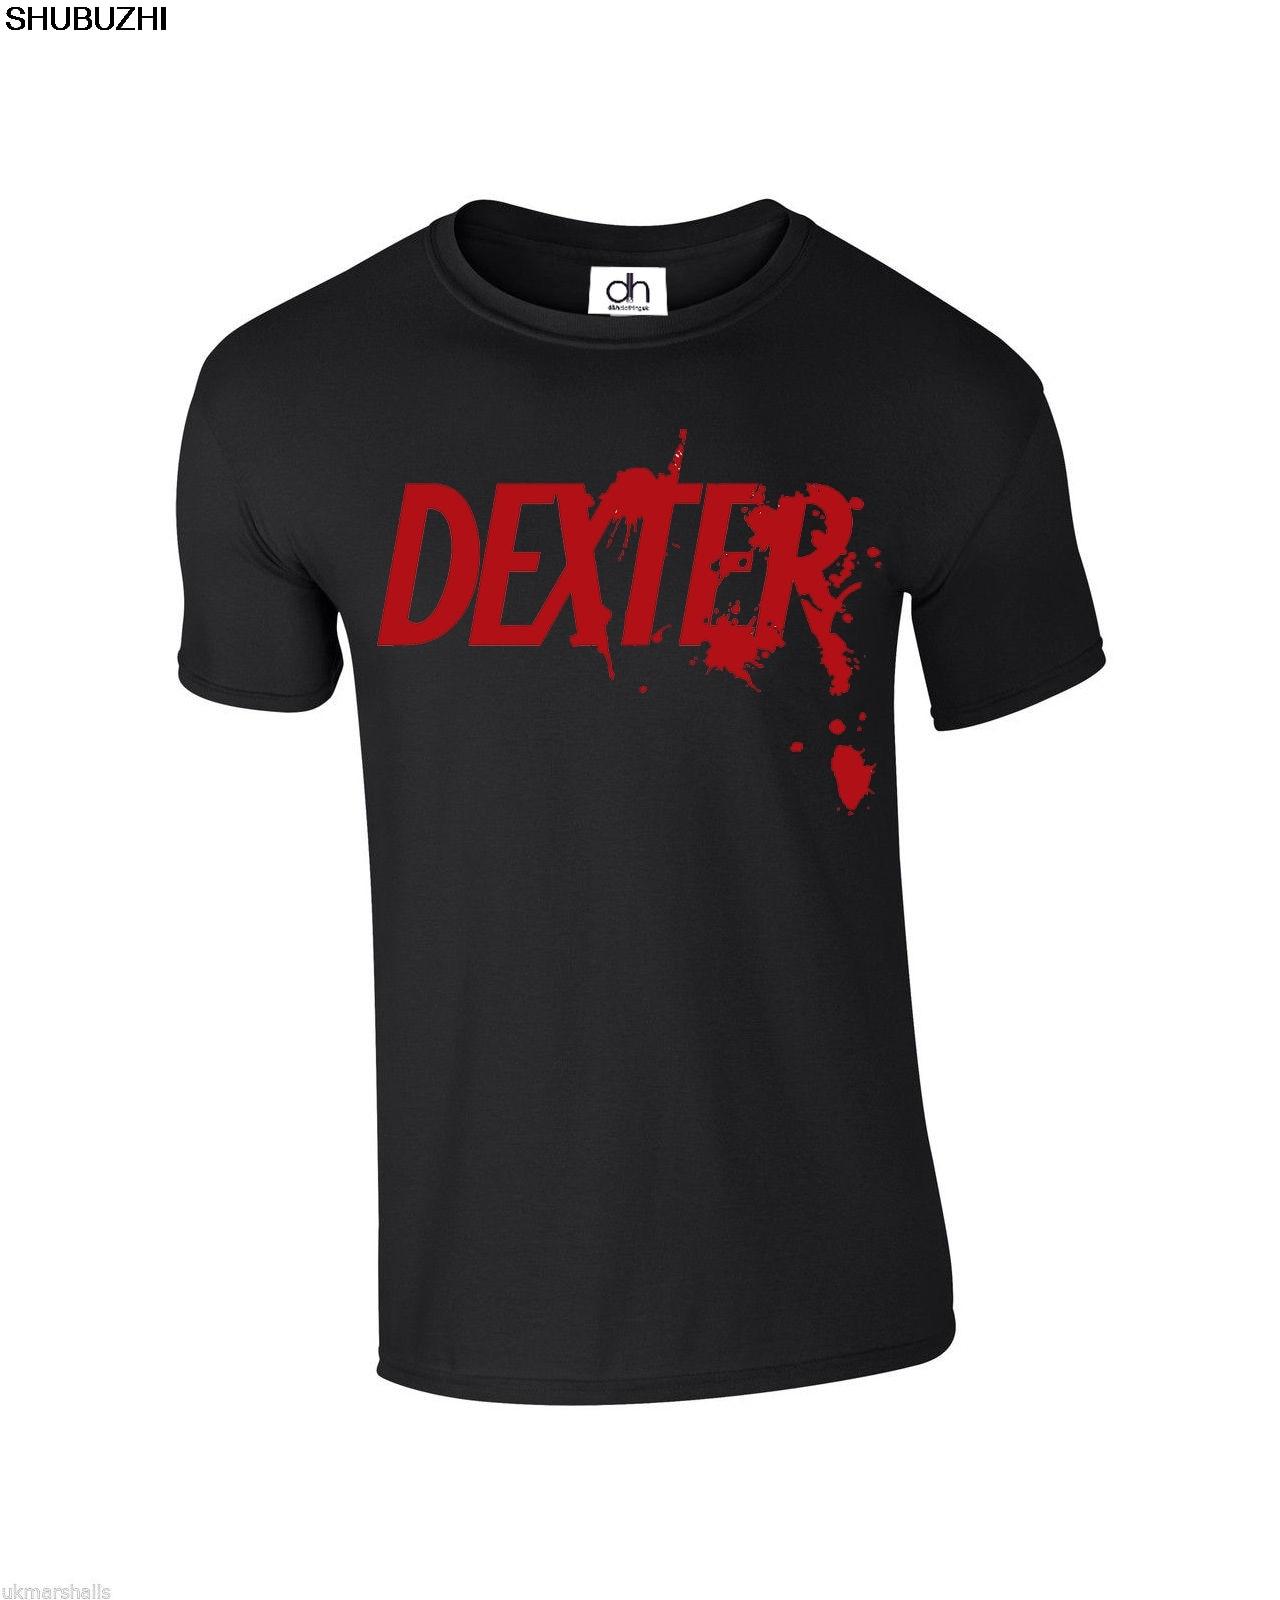 Dexter TV Show Morgan Kill Showtime Shirt Horror Limited Unique S 3XL